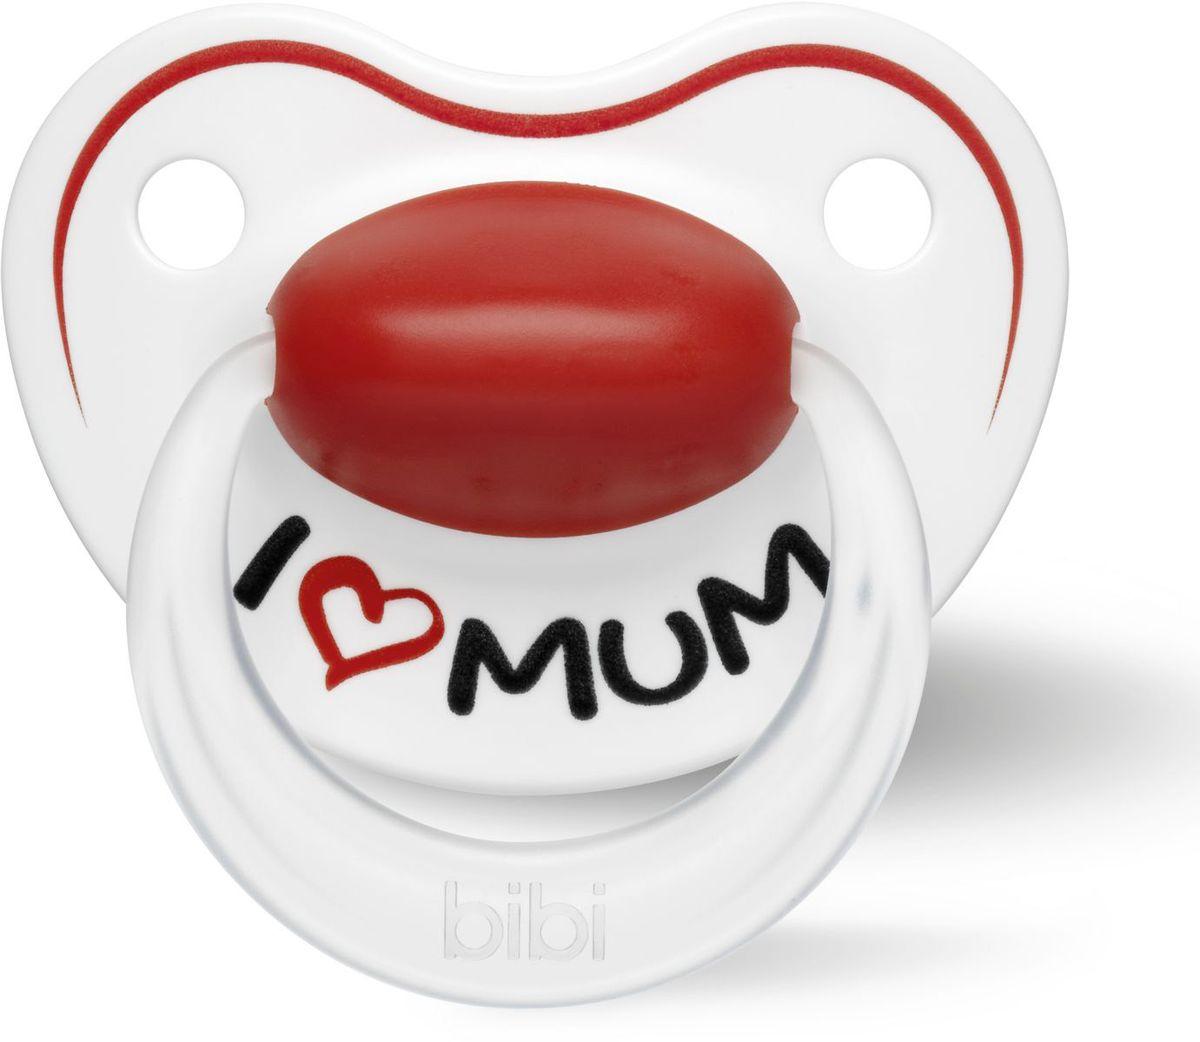 Bibi Пустышка Premium Dental Mum от 6 до 16 месяцев113720Пустышка разработана с учетом новейших экспертных рекомендаций и сотрудничества с мамами. Легкая и сбалансированная по весу пустышка для гармоничного восприятия Бархатистый мягкий и гибкий силикон для комфорта и максимальной безопасности Пупырышки «SensoPearls» - для нежного контакта нагубника с кожей малыша Увеличенные вентиляционные отверстия в нагубнике для комфорта нежной детской кожи Эргономичная форма нагубника ErgoComfort подходит для всех малышей Безупречное качество! Ортодонтическая форма соски формирует правильное развитие прикуса Специальный клапан внутри соски обеспечивает циркуляцию воздуха, поэтому соска всегда остается мягкой и гибкой Пустышки сделаны из высококачественного полипропилена (нагубник) и силикона (соска) Защитный колпачок в комплекте с каждой пустышкой Модный дизайн выполнен совершенно безопасными пищевыми красителями Чтобы родитель лучше ориентировался в выборе изделия, определенному возрасту...